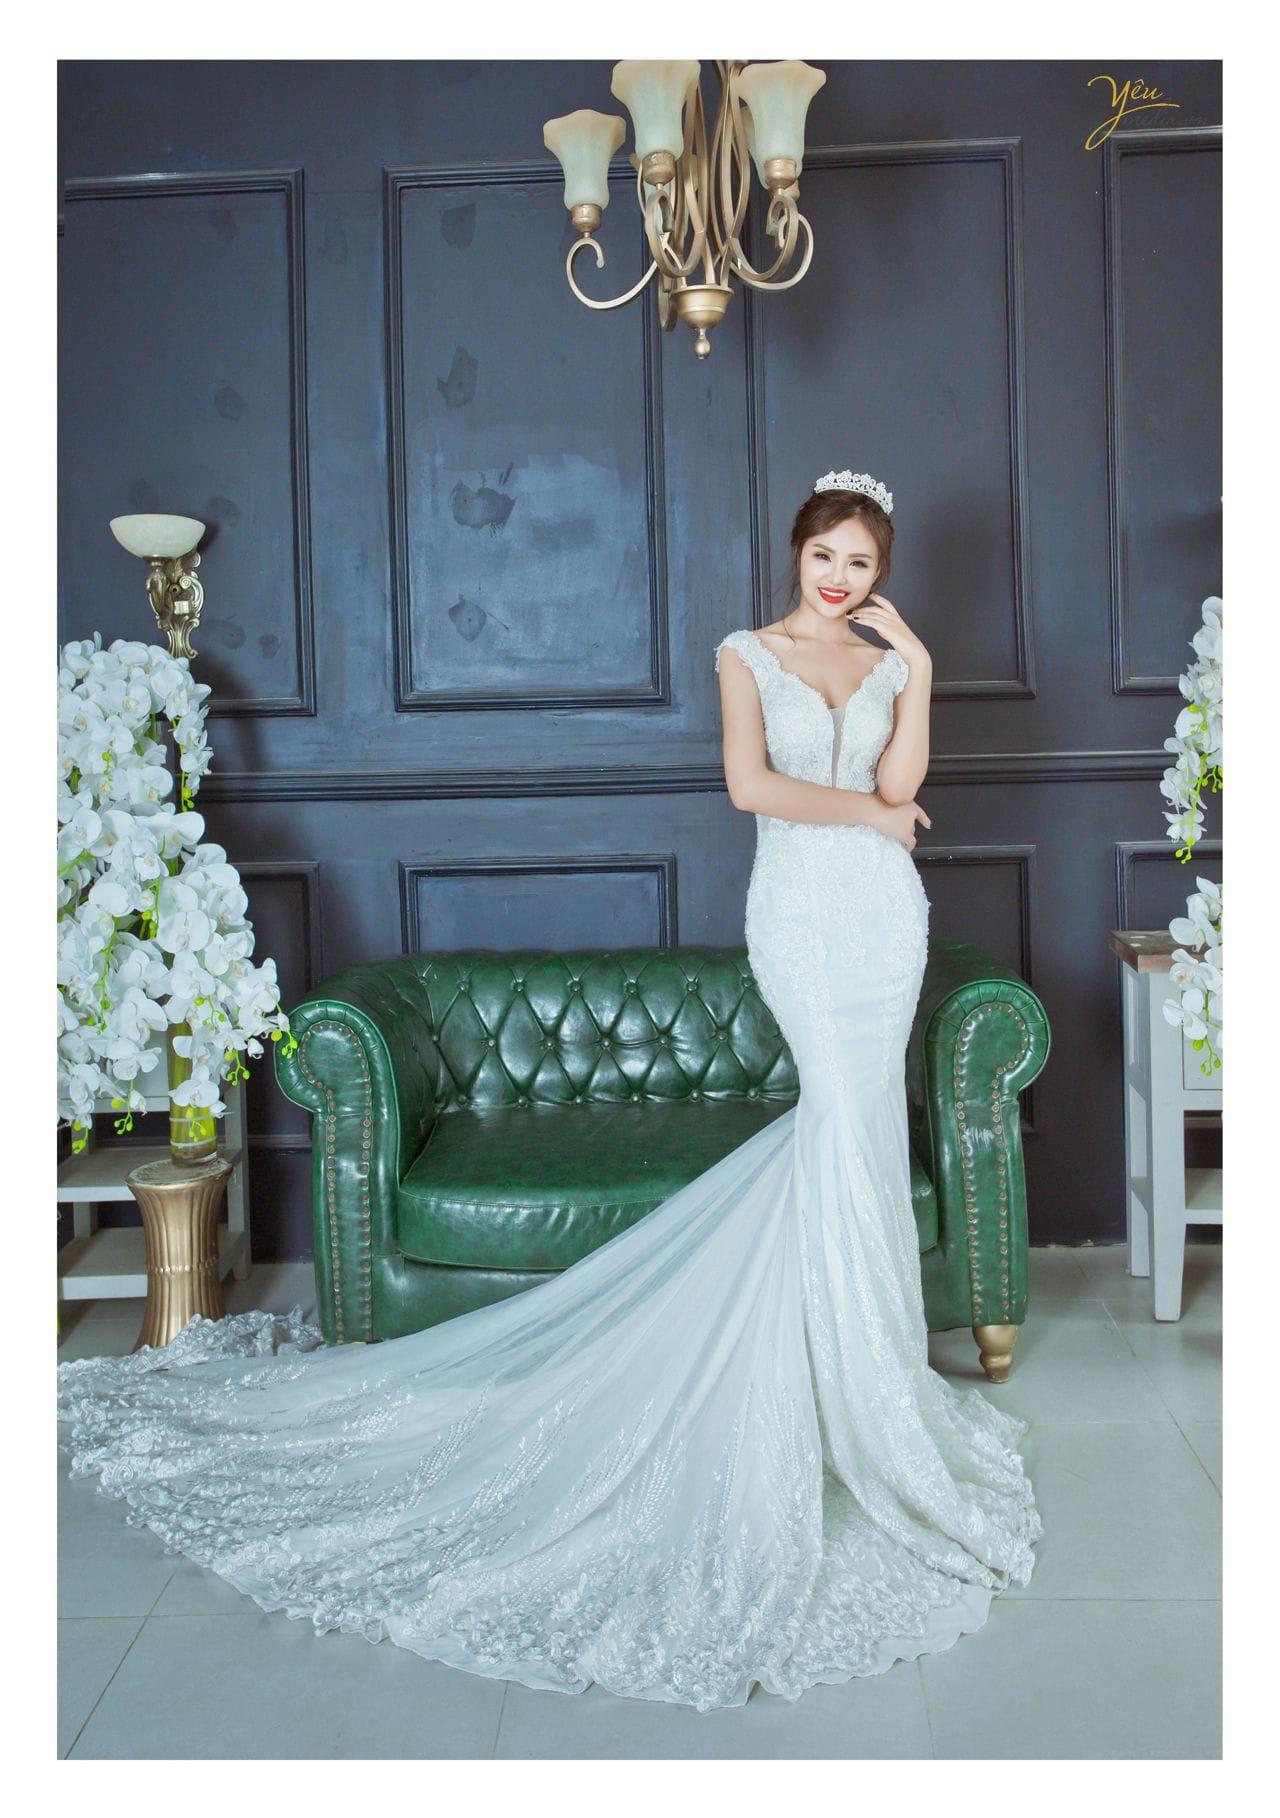 ảnh chụp cô dâu đơn đứng trước khung cửa gỗ